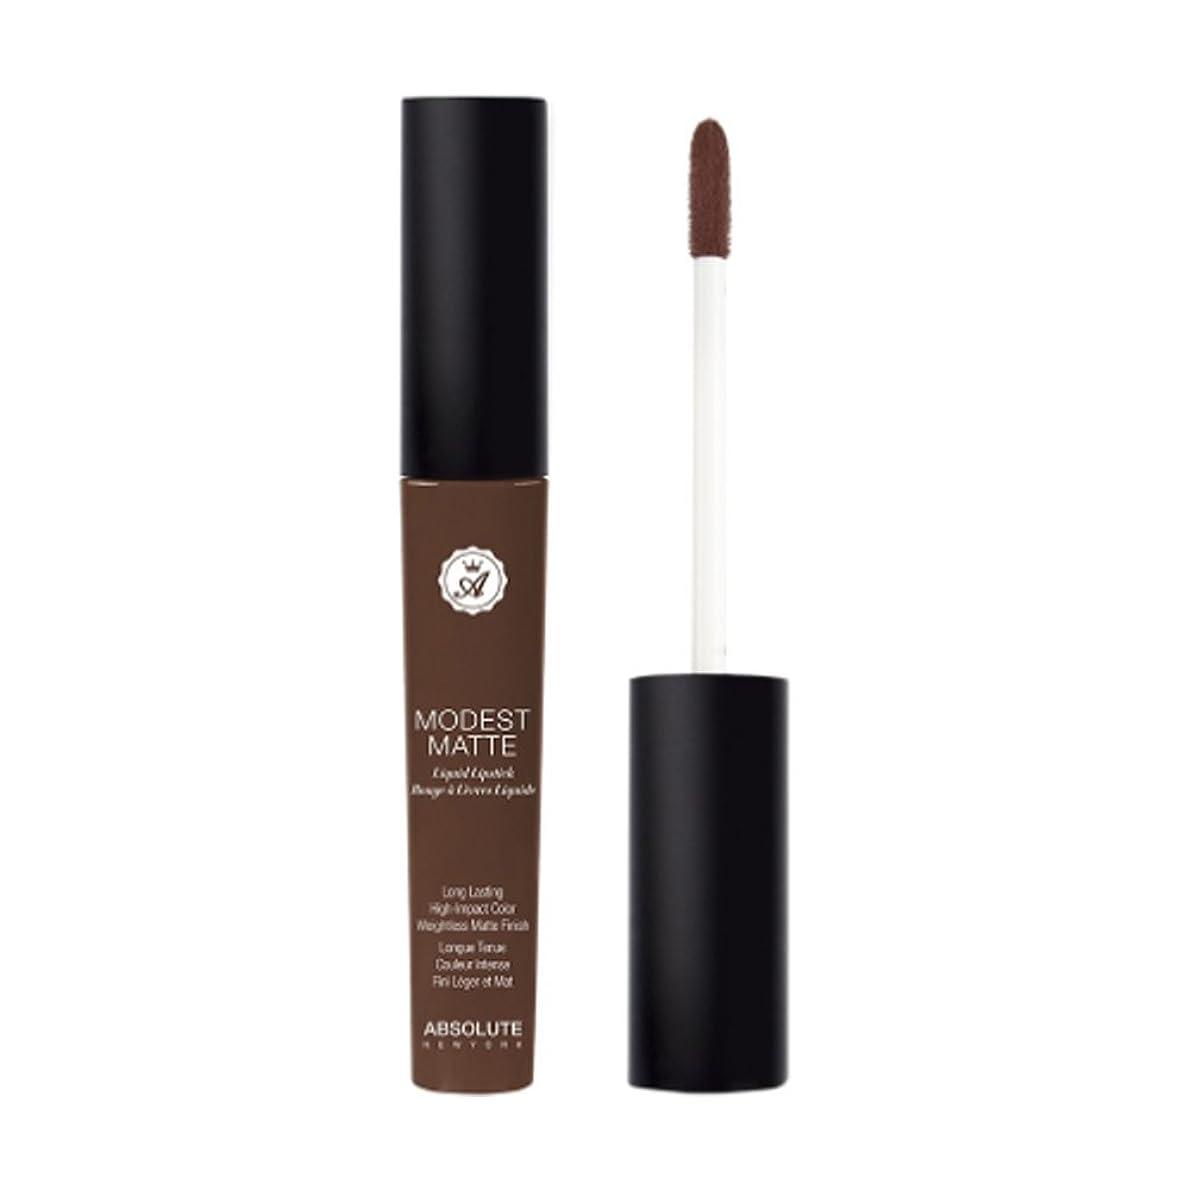 コース敏感なバタフライABSOLUTE Modest Matte Liquid Lipstick - Seductress (並行輸入品)